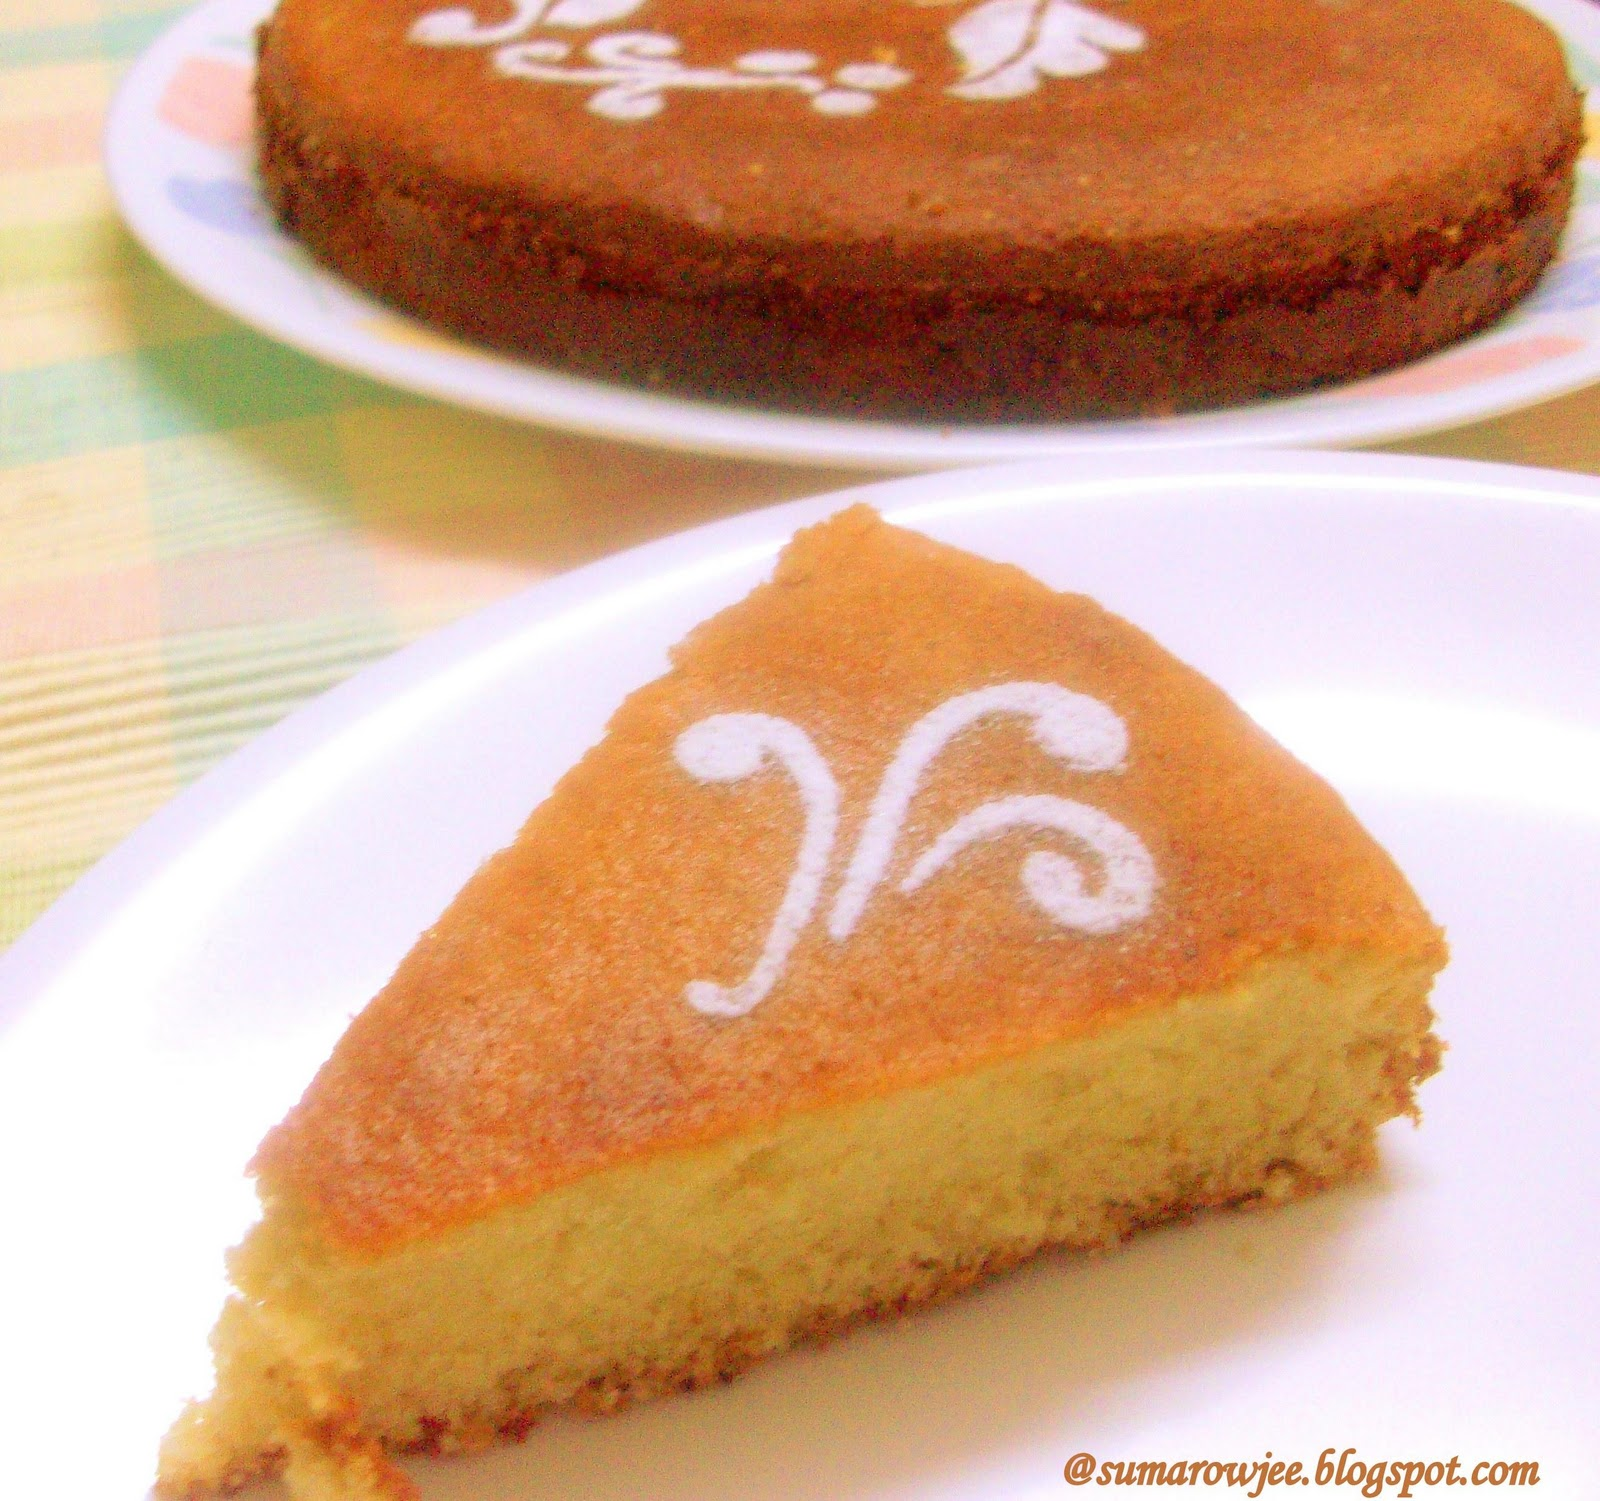 Cakes & More: Butter Sponge Cake